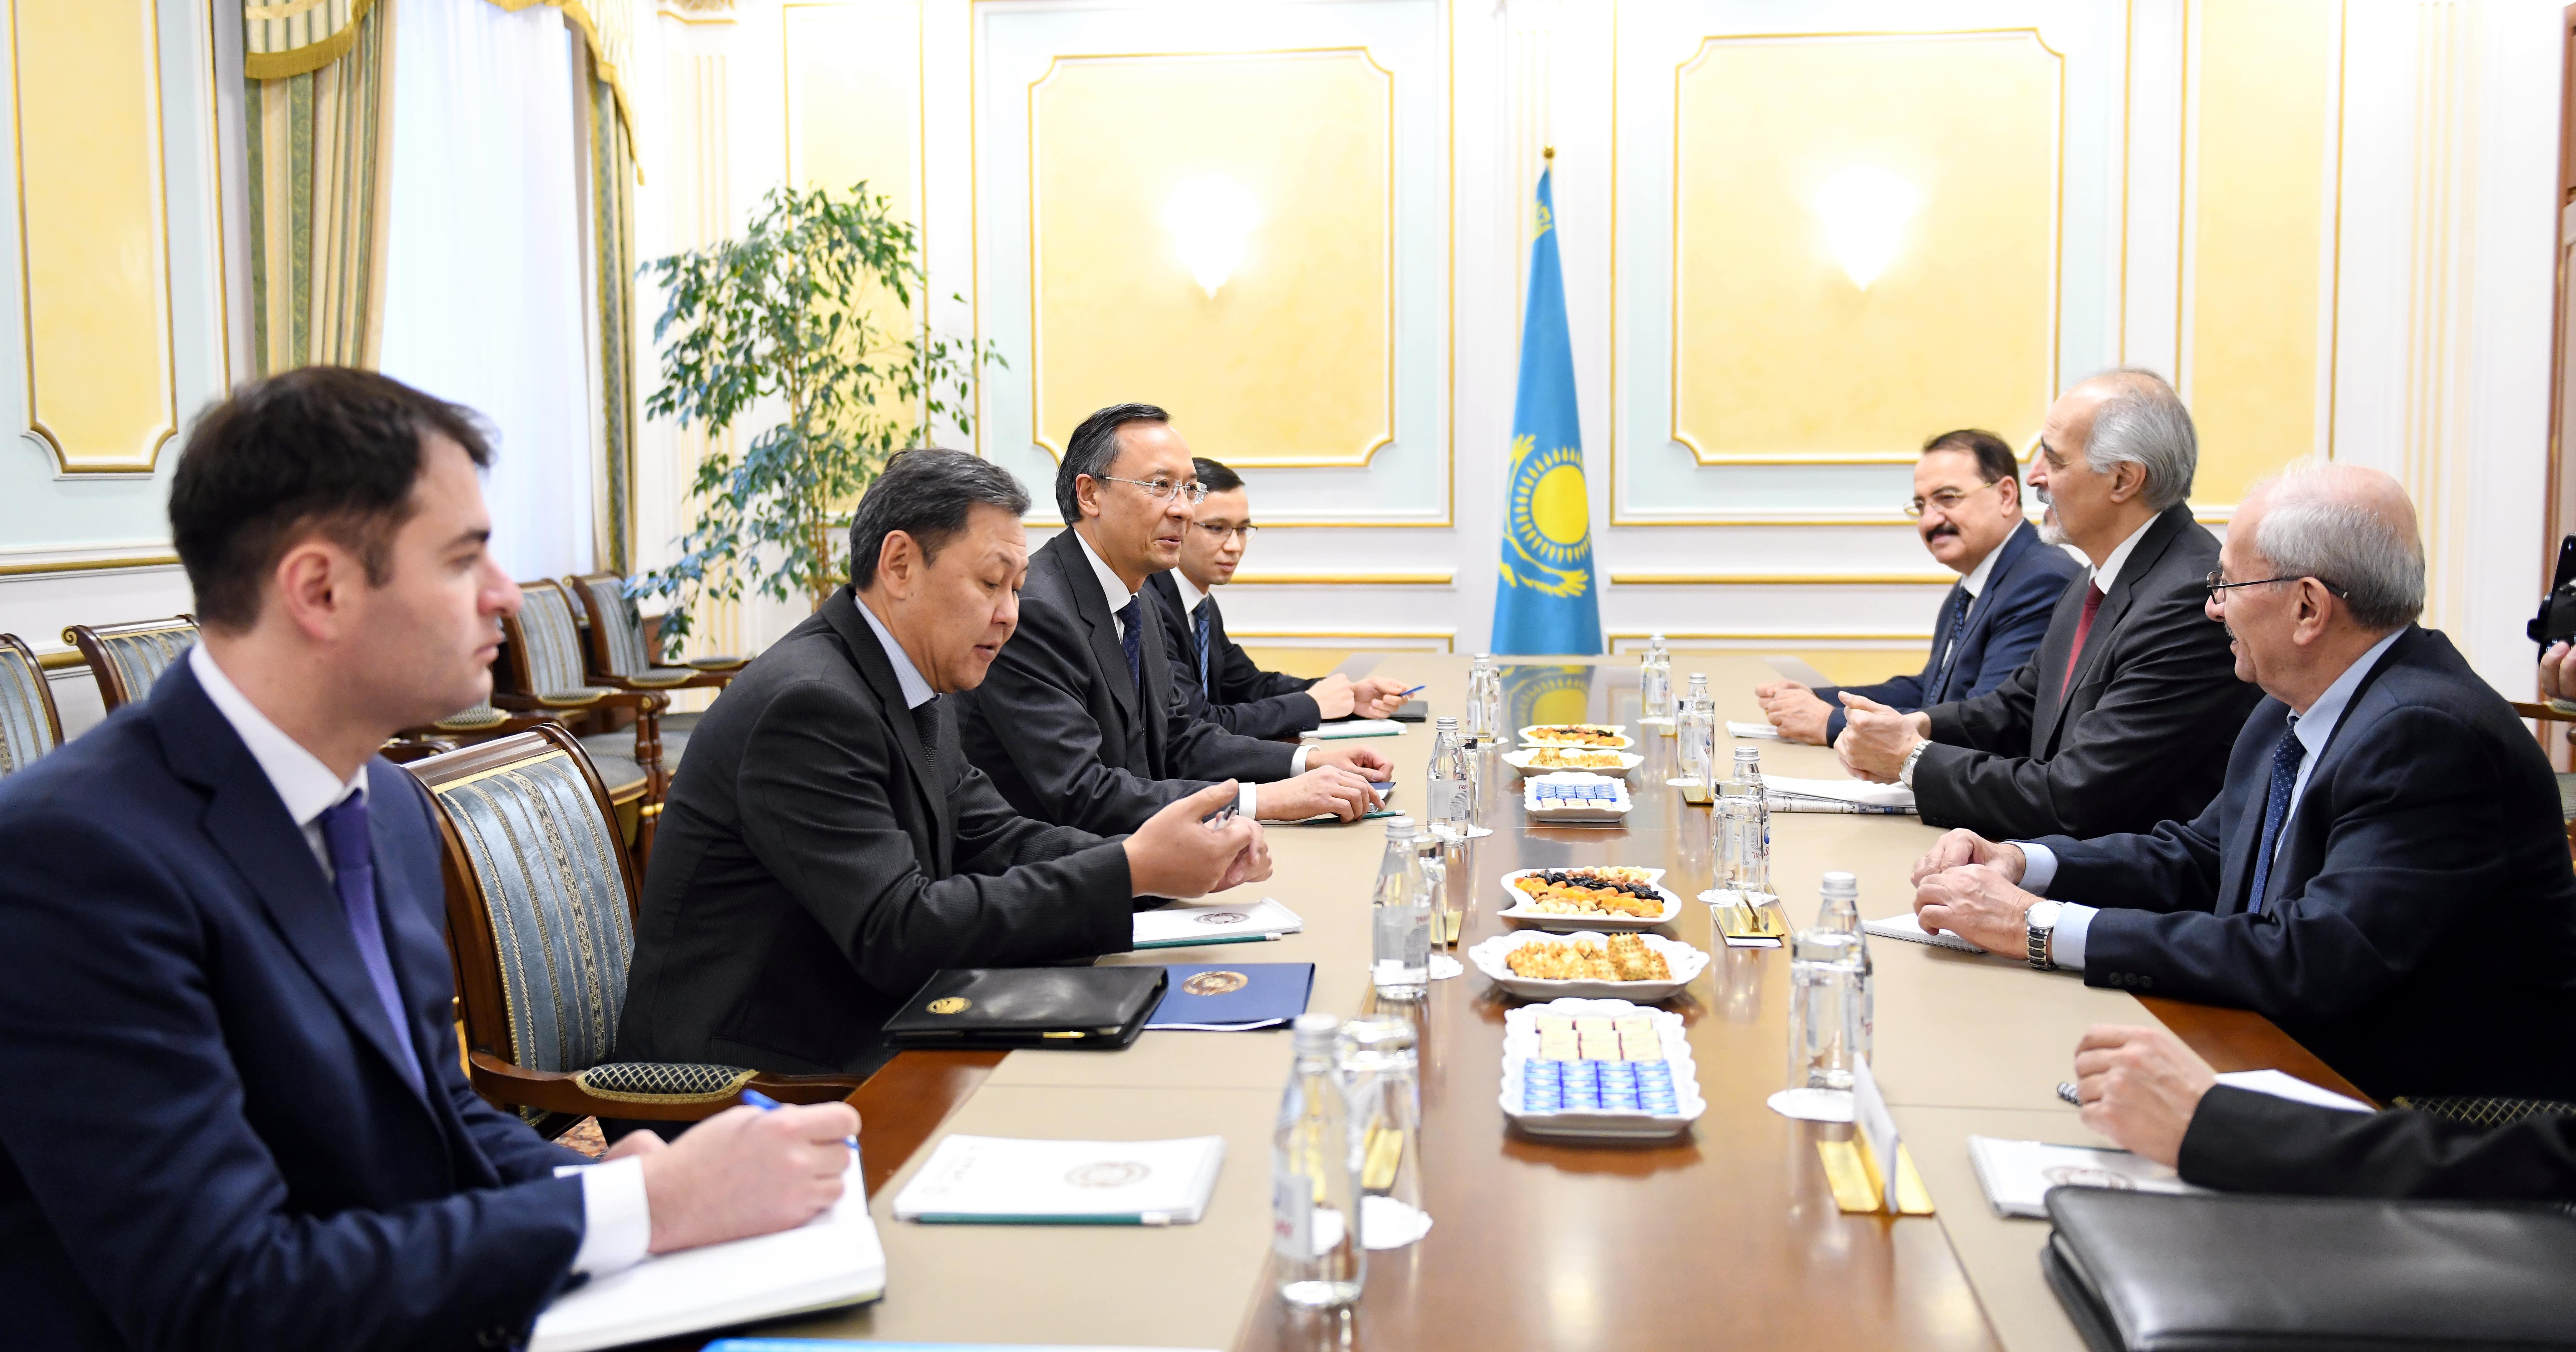 Глава МИД РК встретился с делегациями Правительства Сирии и сирийской вооруженной оппозиции